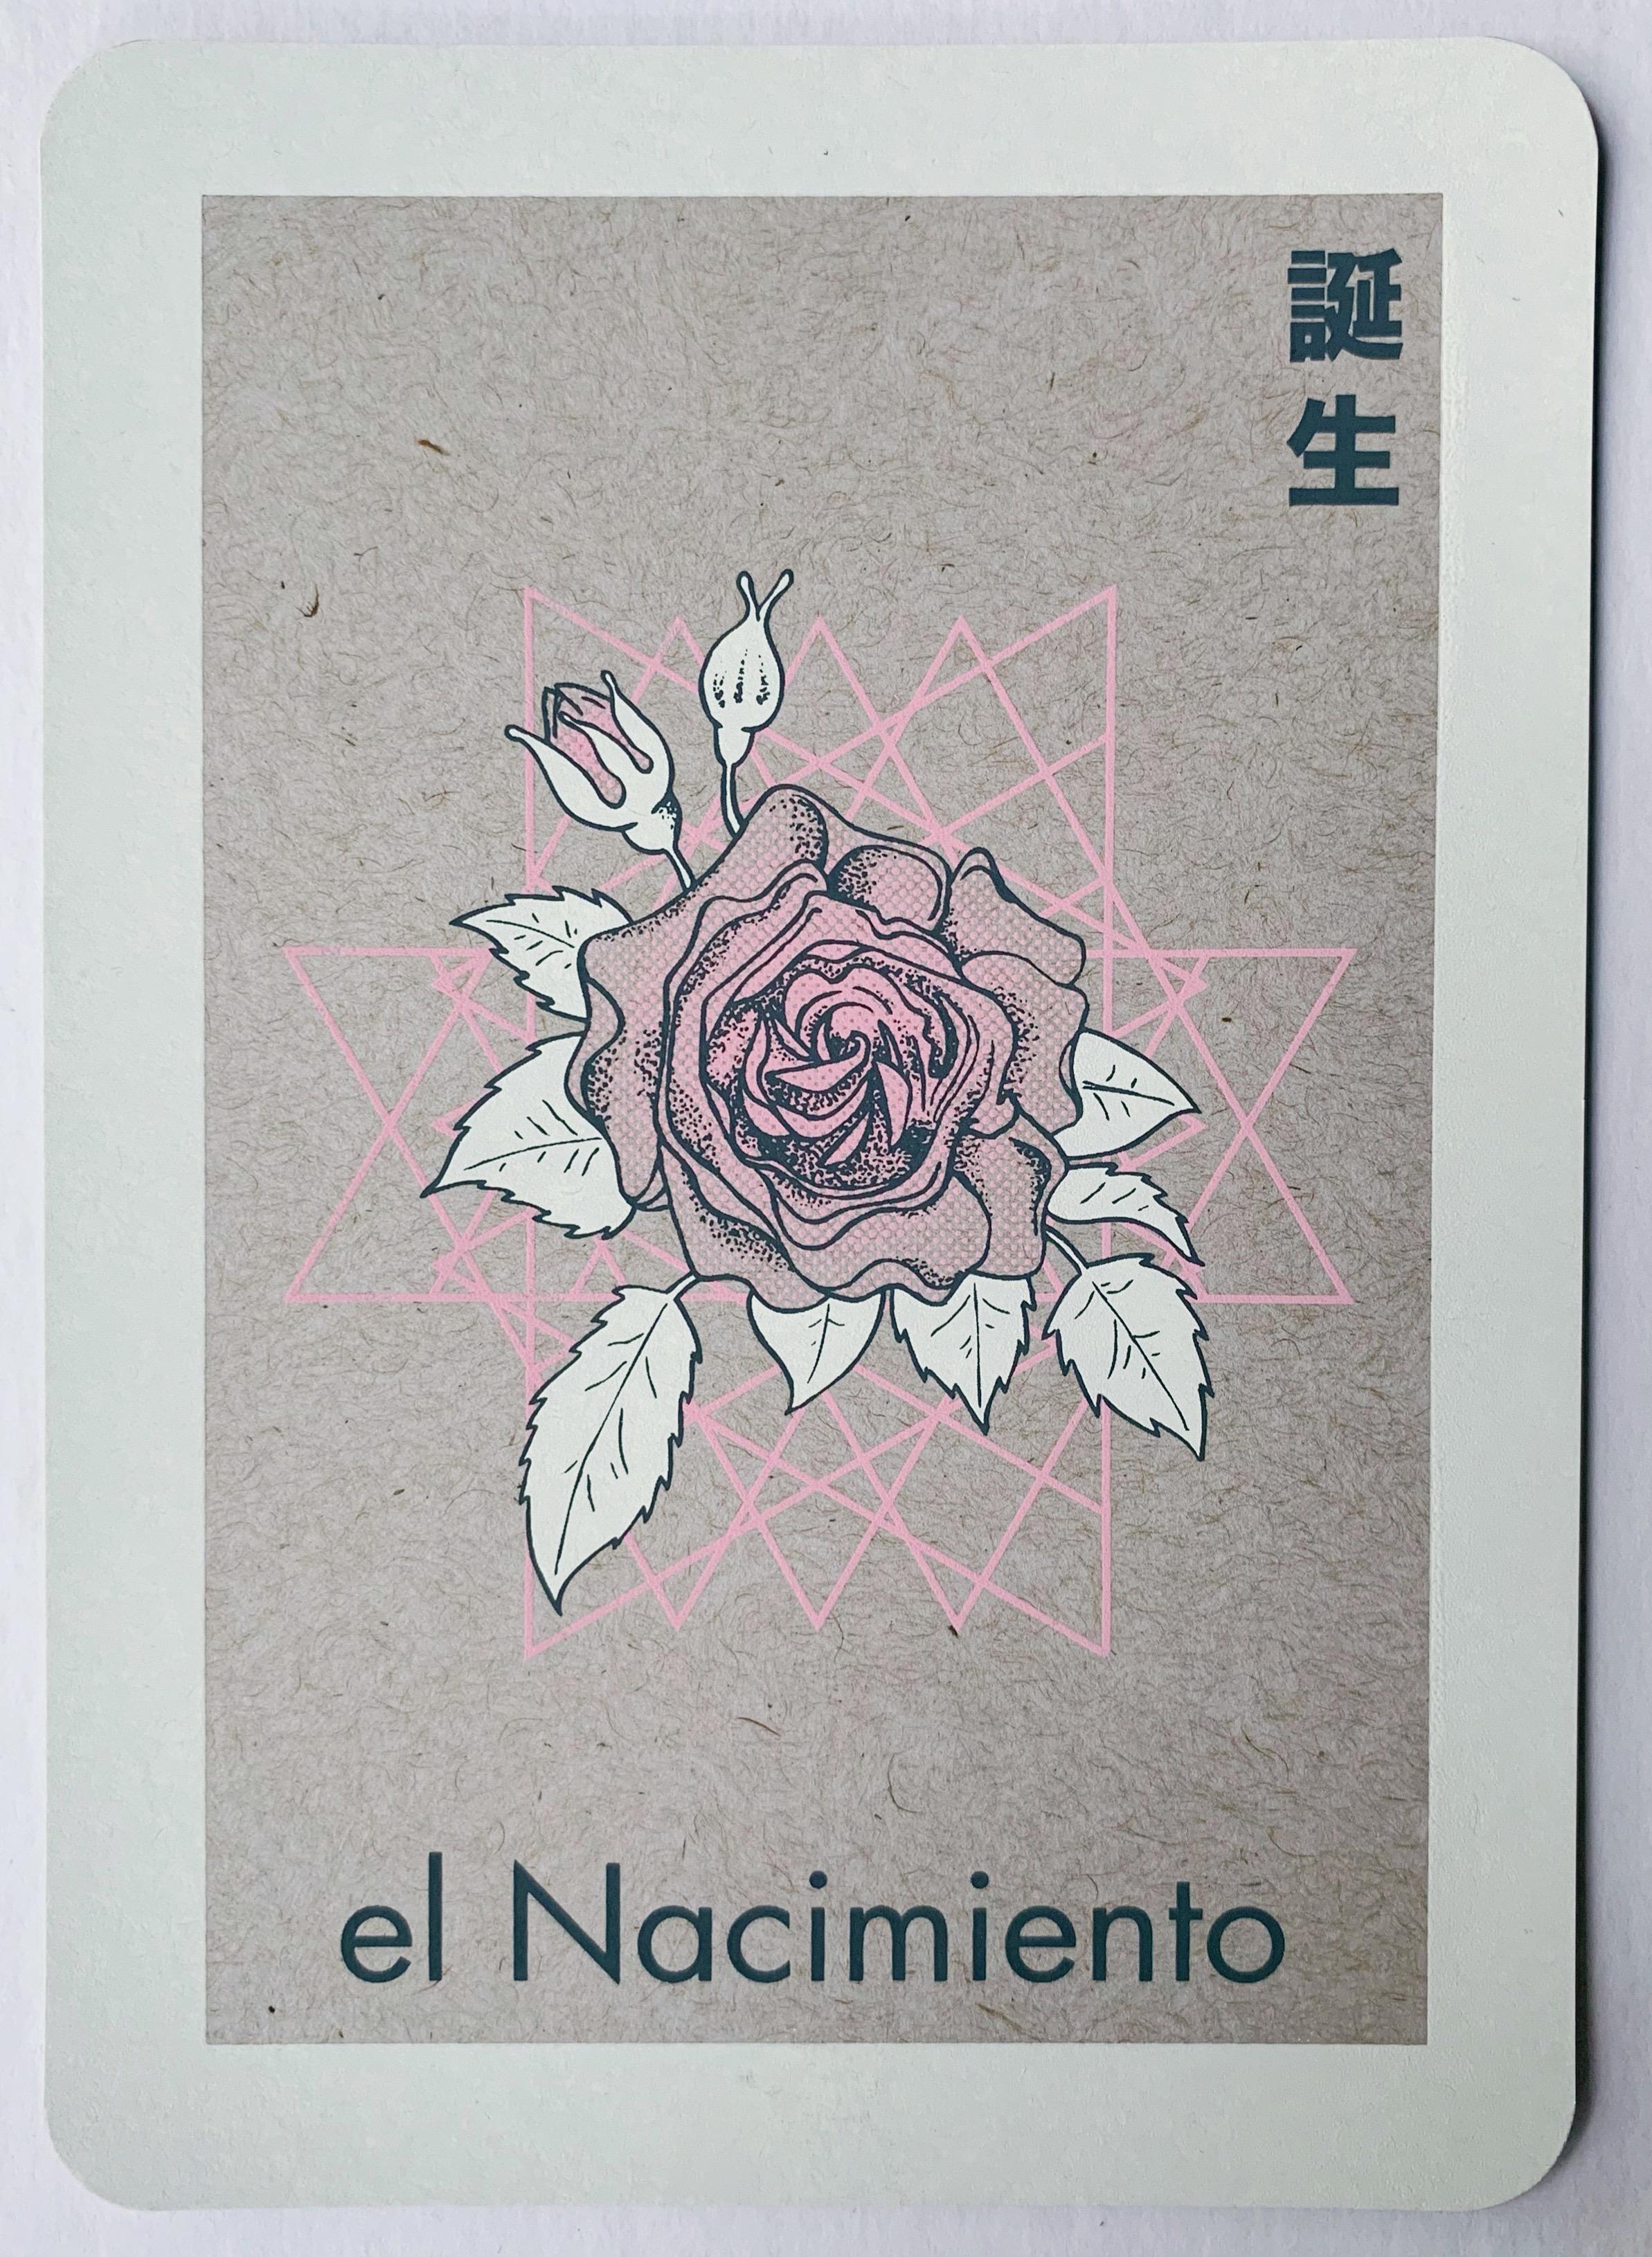 el Nacimiento, serigraphy, 2018